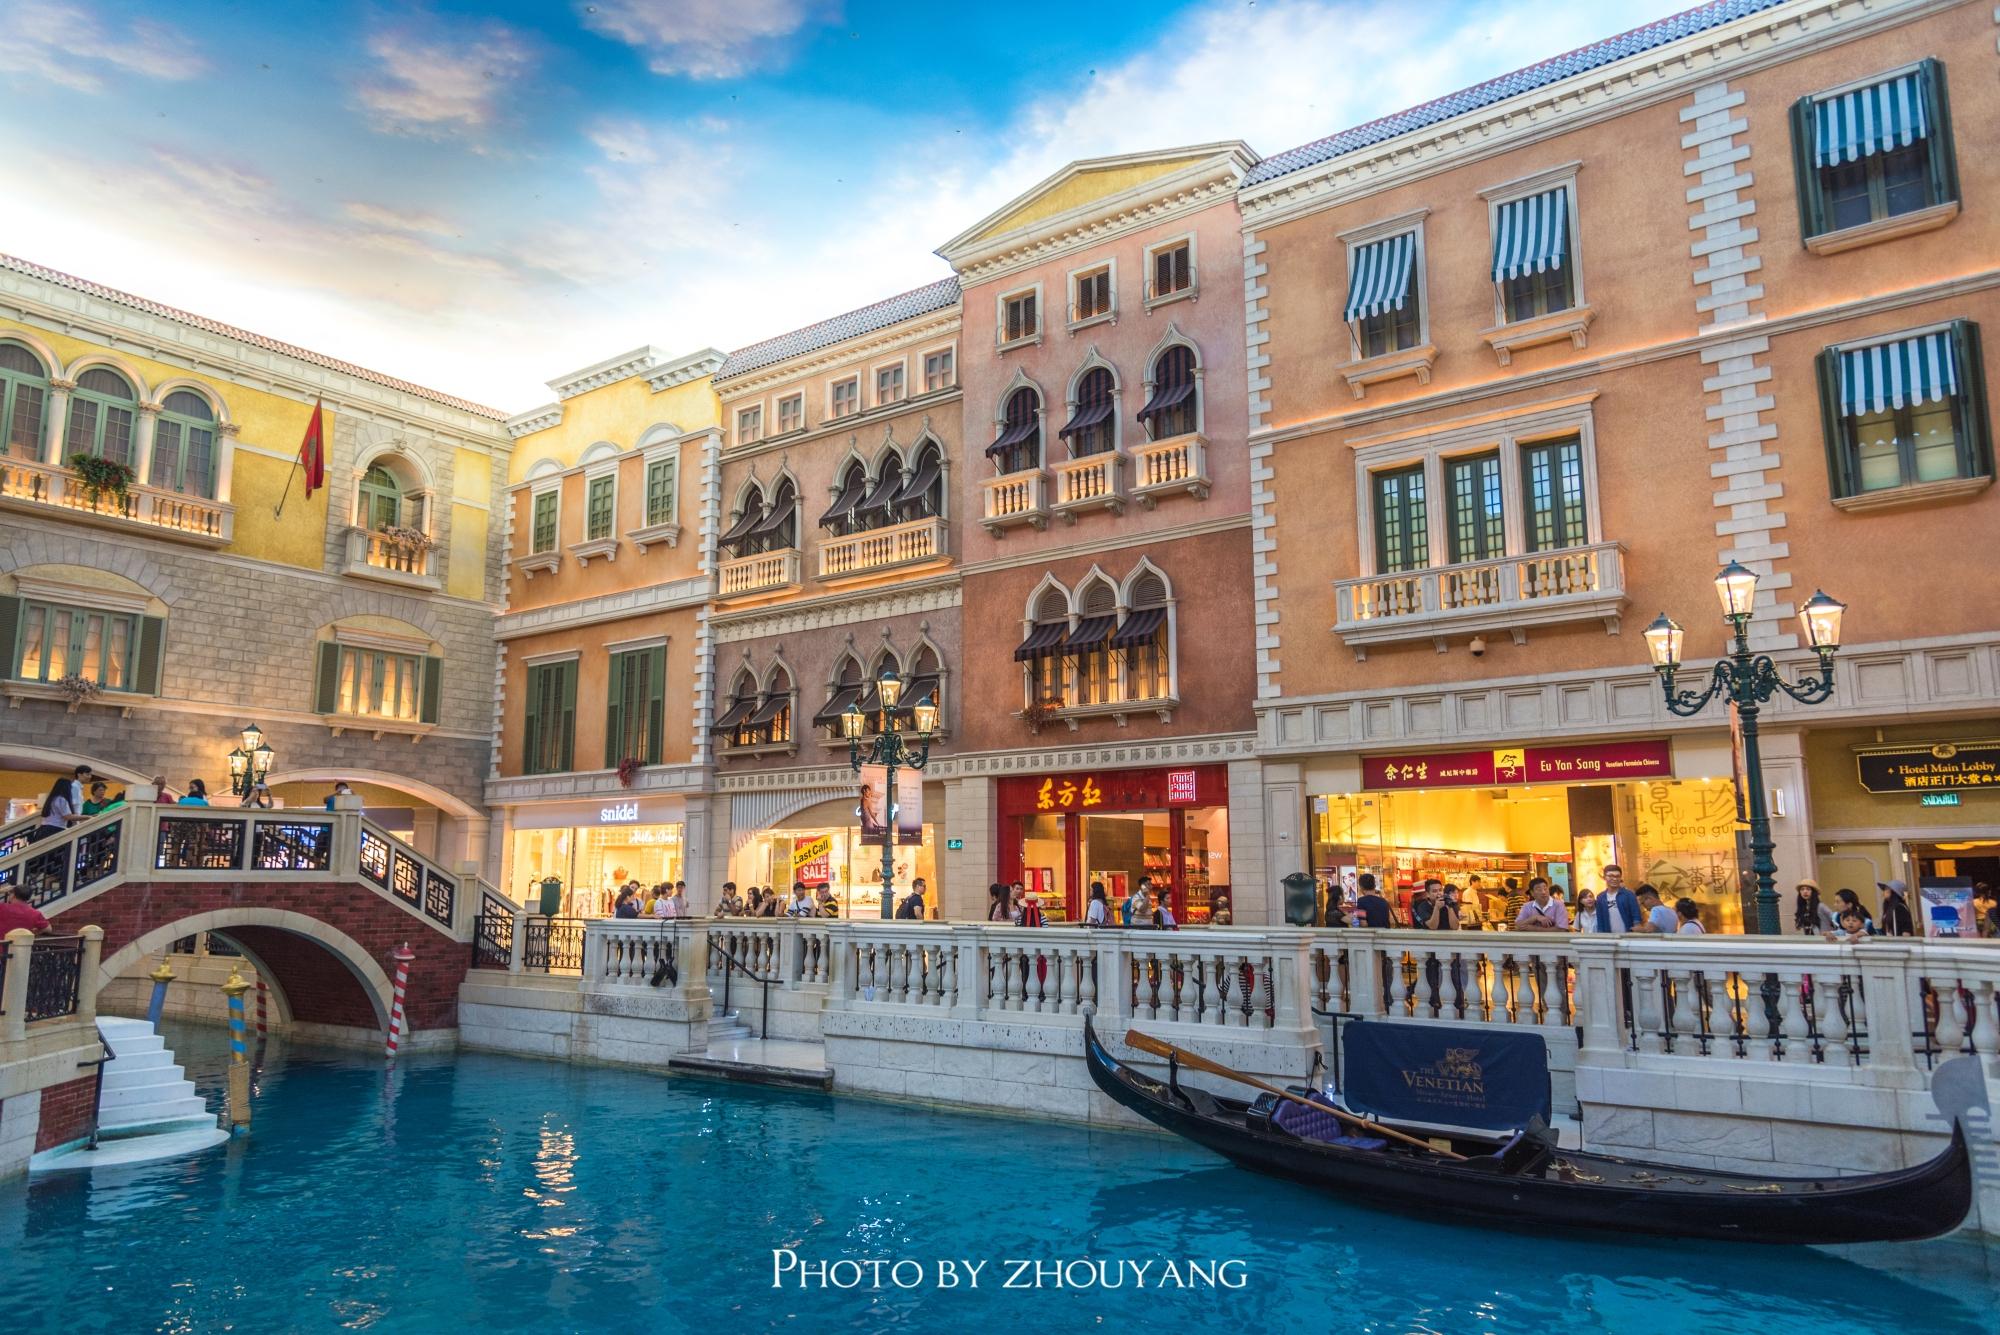 澳门最大的室内购物中心三条运河纵横其中零售额冠绝全澳